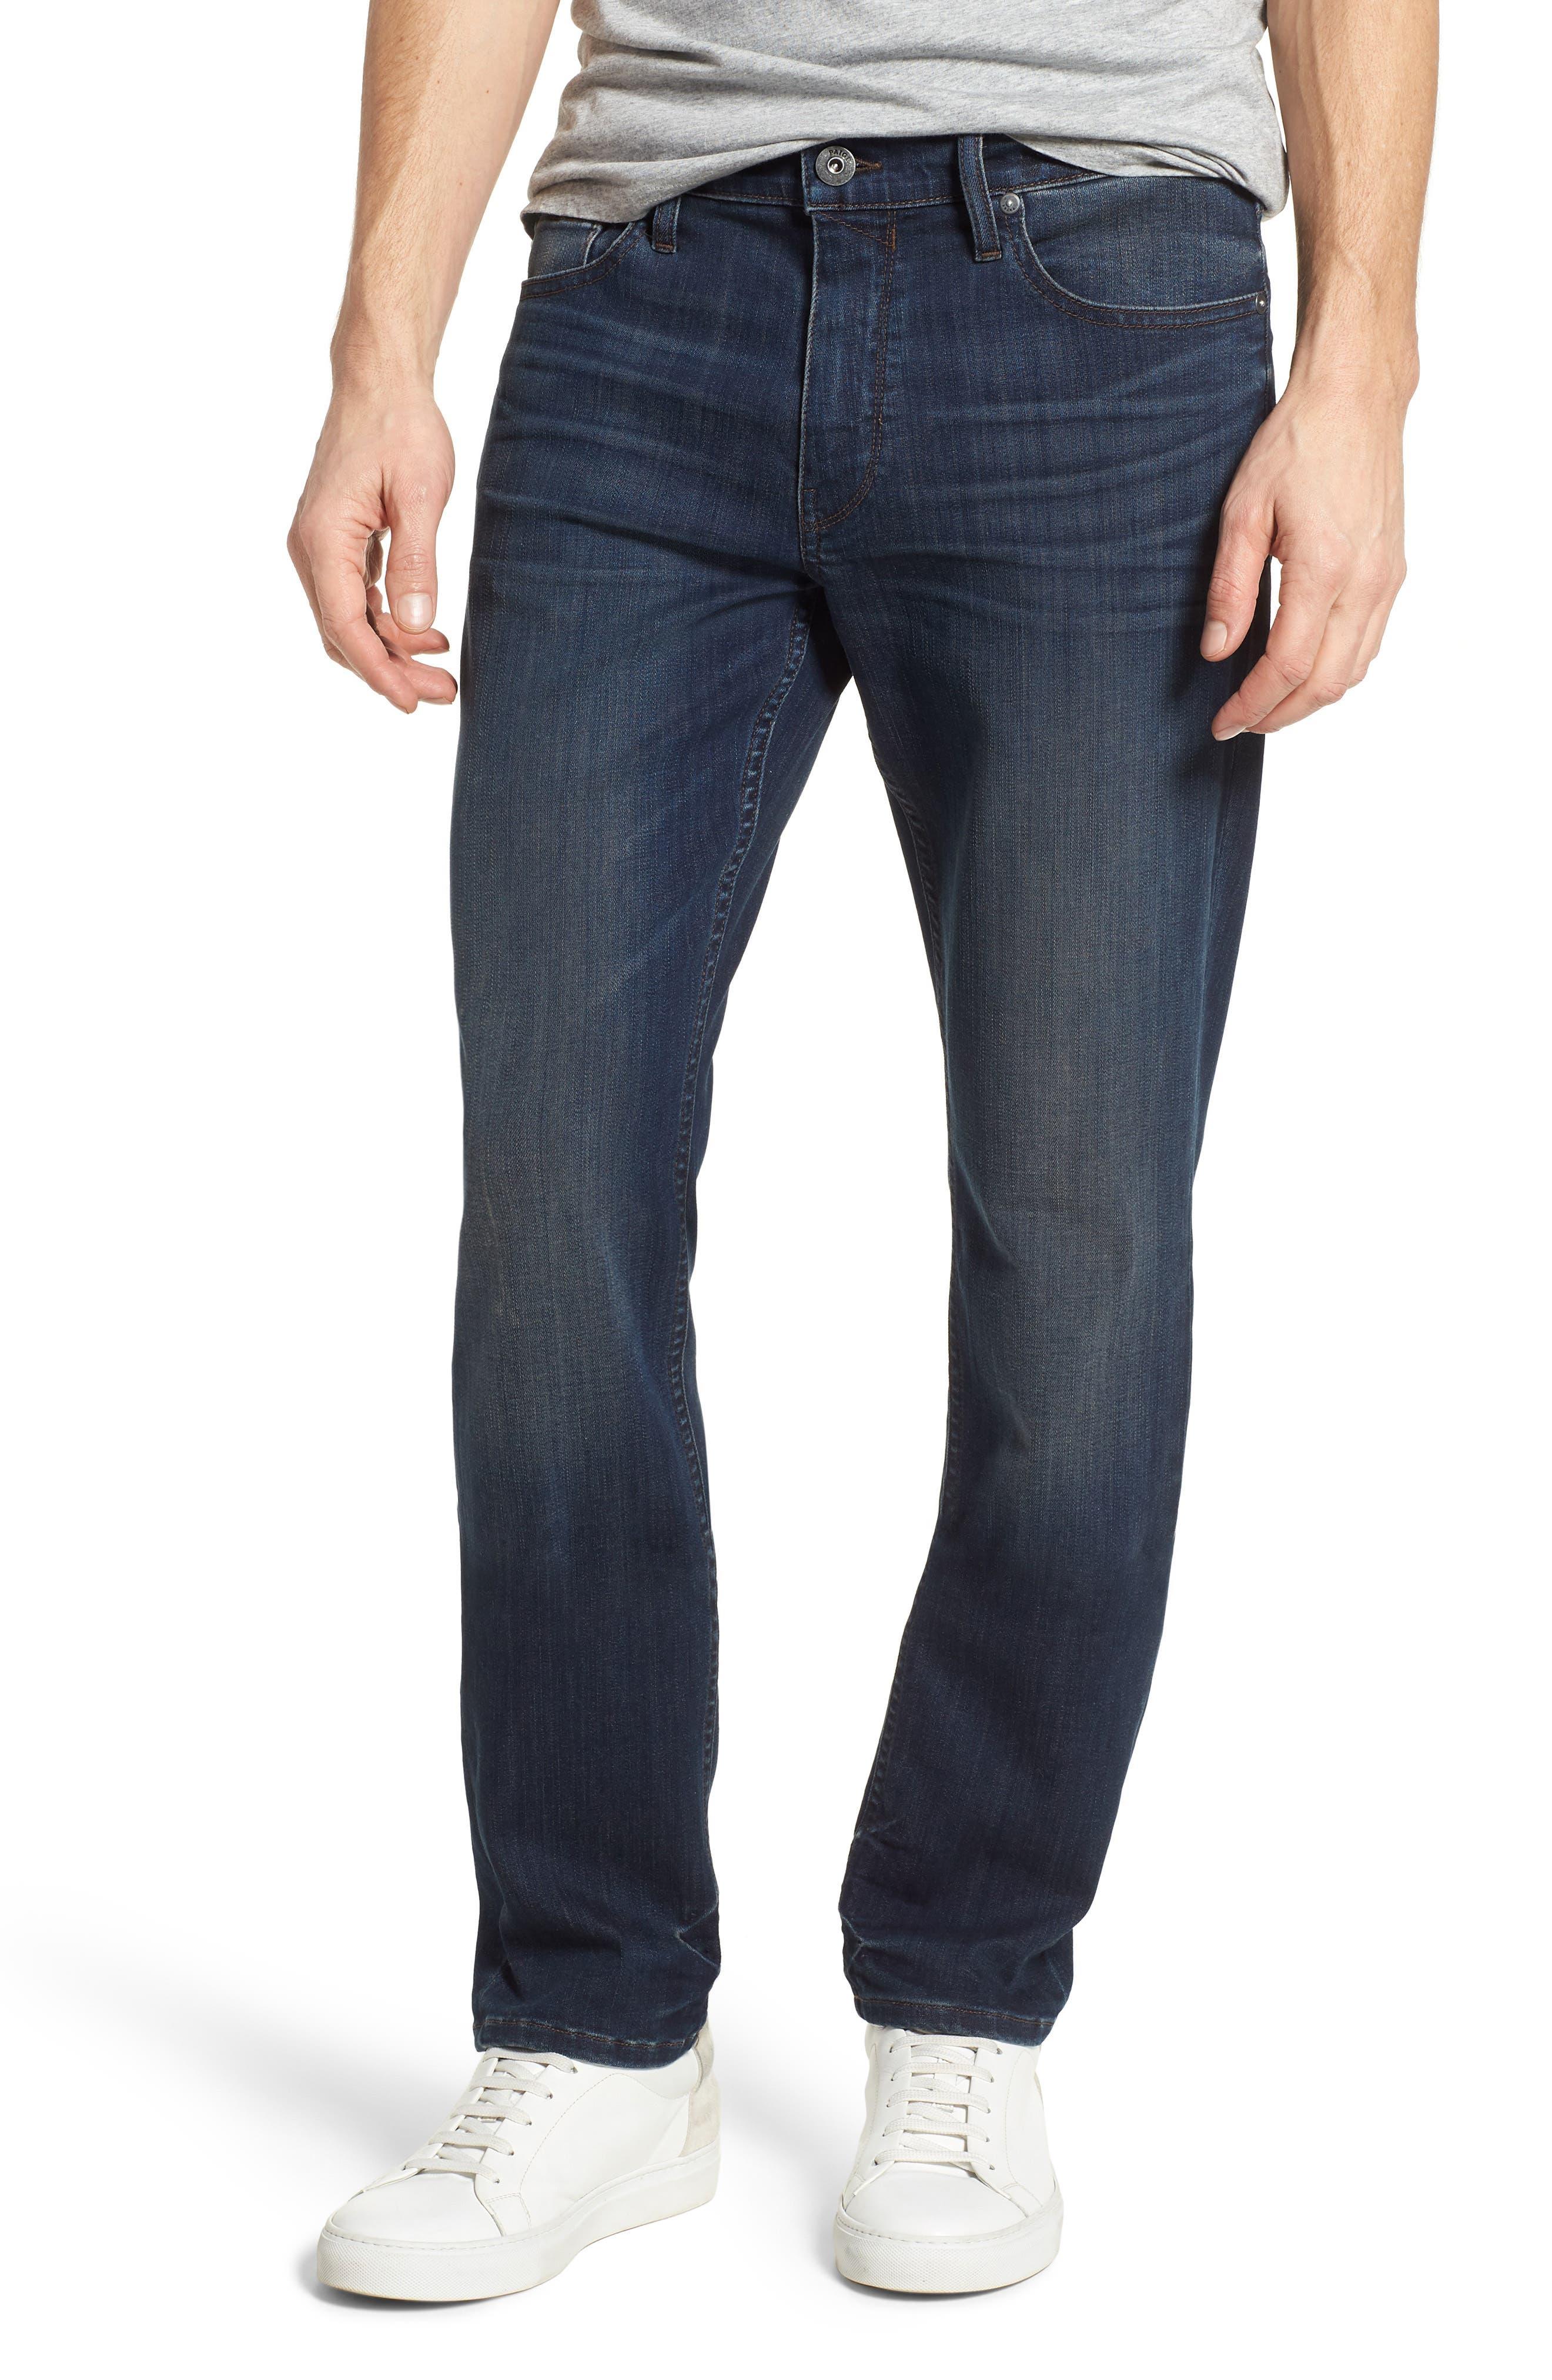 Transcend - Lennox Slim Fit Jeans,                         Main,                         color, Freeman